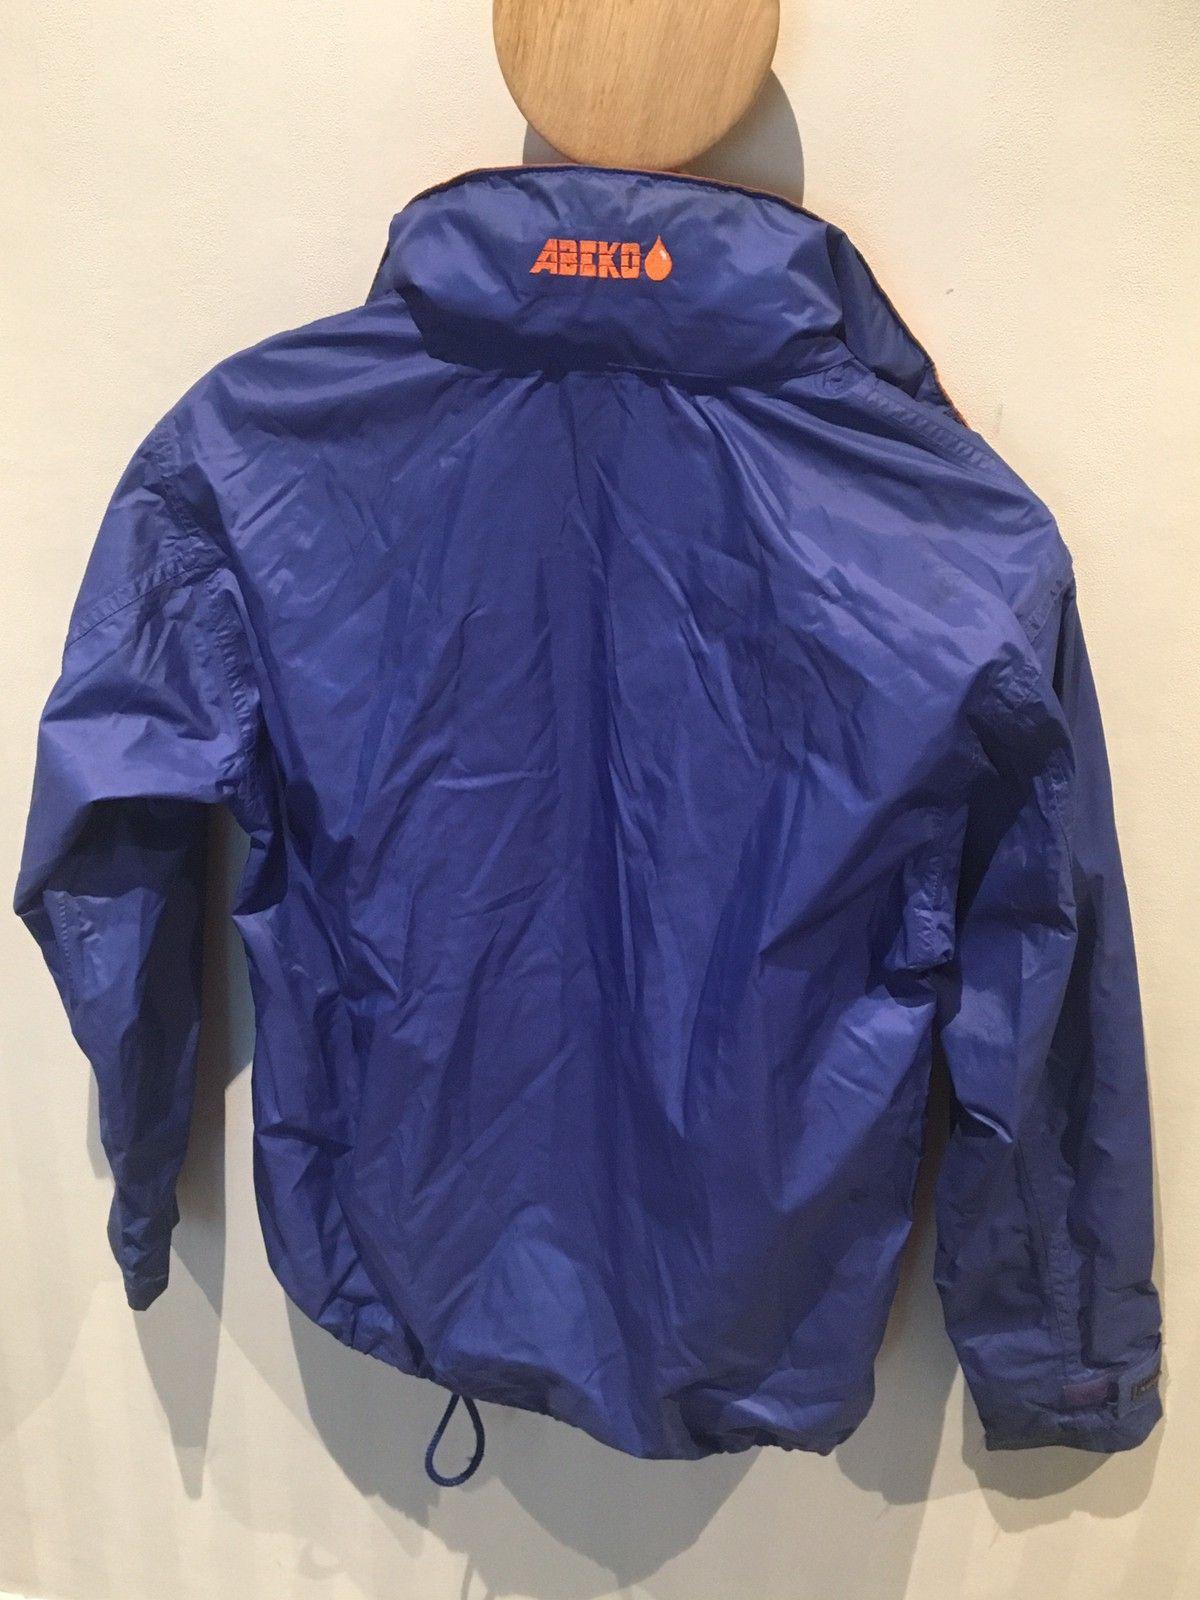 51ccc4ab Regntøy - jakke + bukse fra Abeko   FINN.no